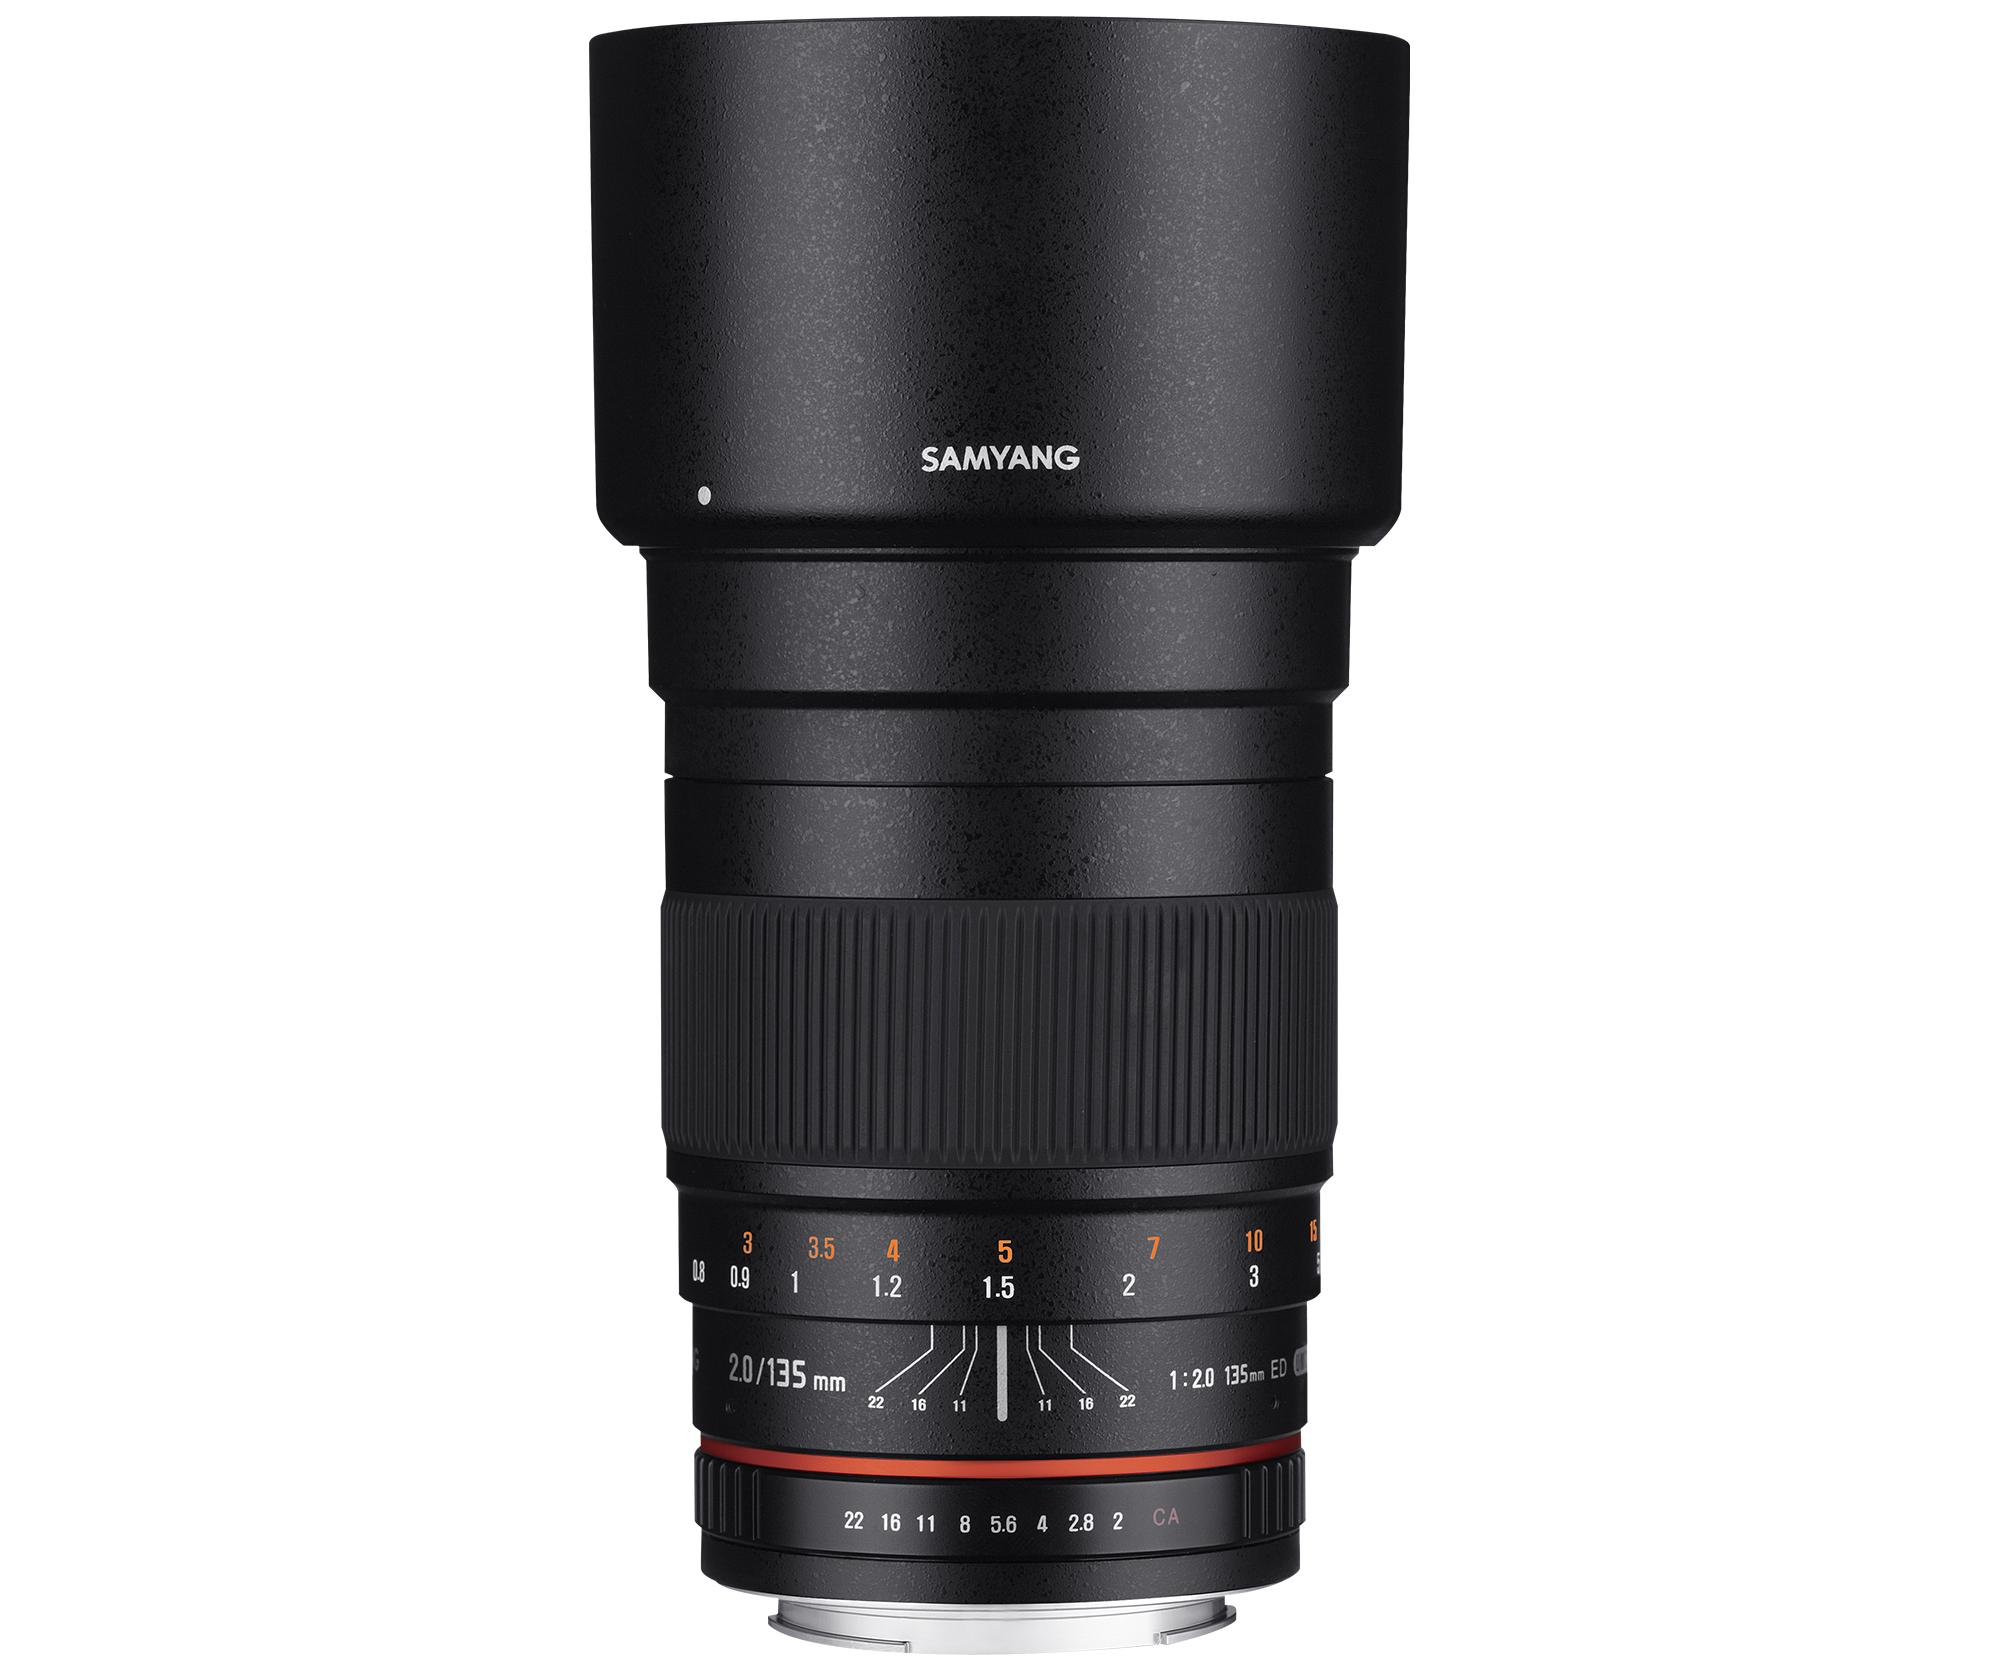 Samyang-135mm-Lens-YouthePhotographer-001